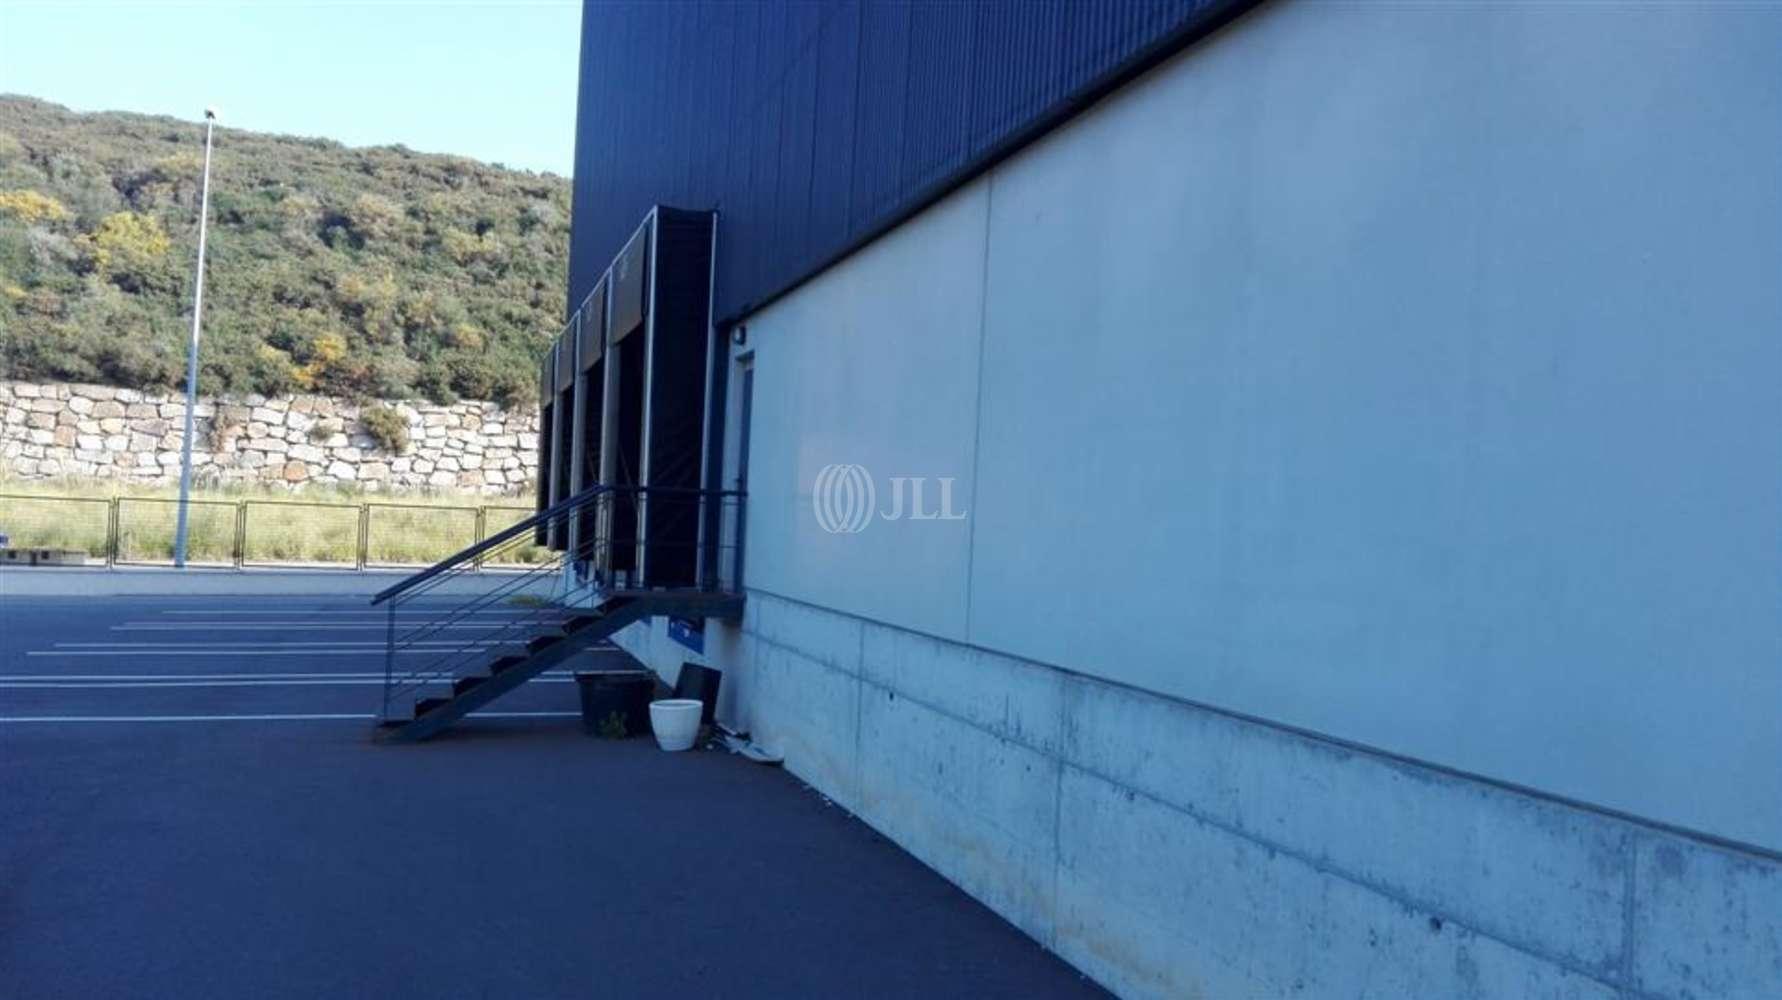 Naves industriales y logísticas A coruña, 15190 - Nave Industrial - B0410 - PARQUE INDUSTRIAL VIO - 8250